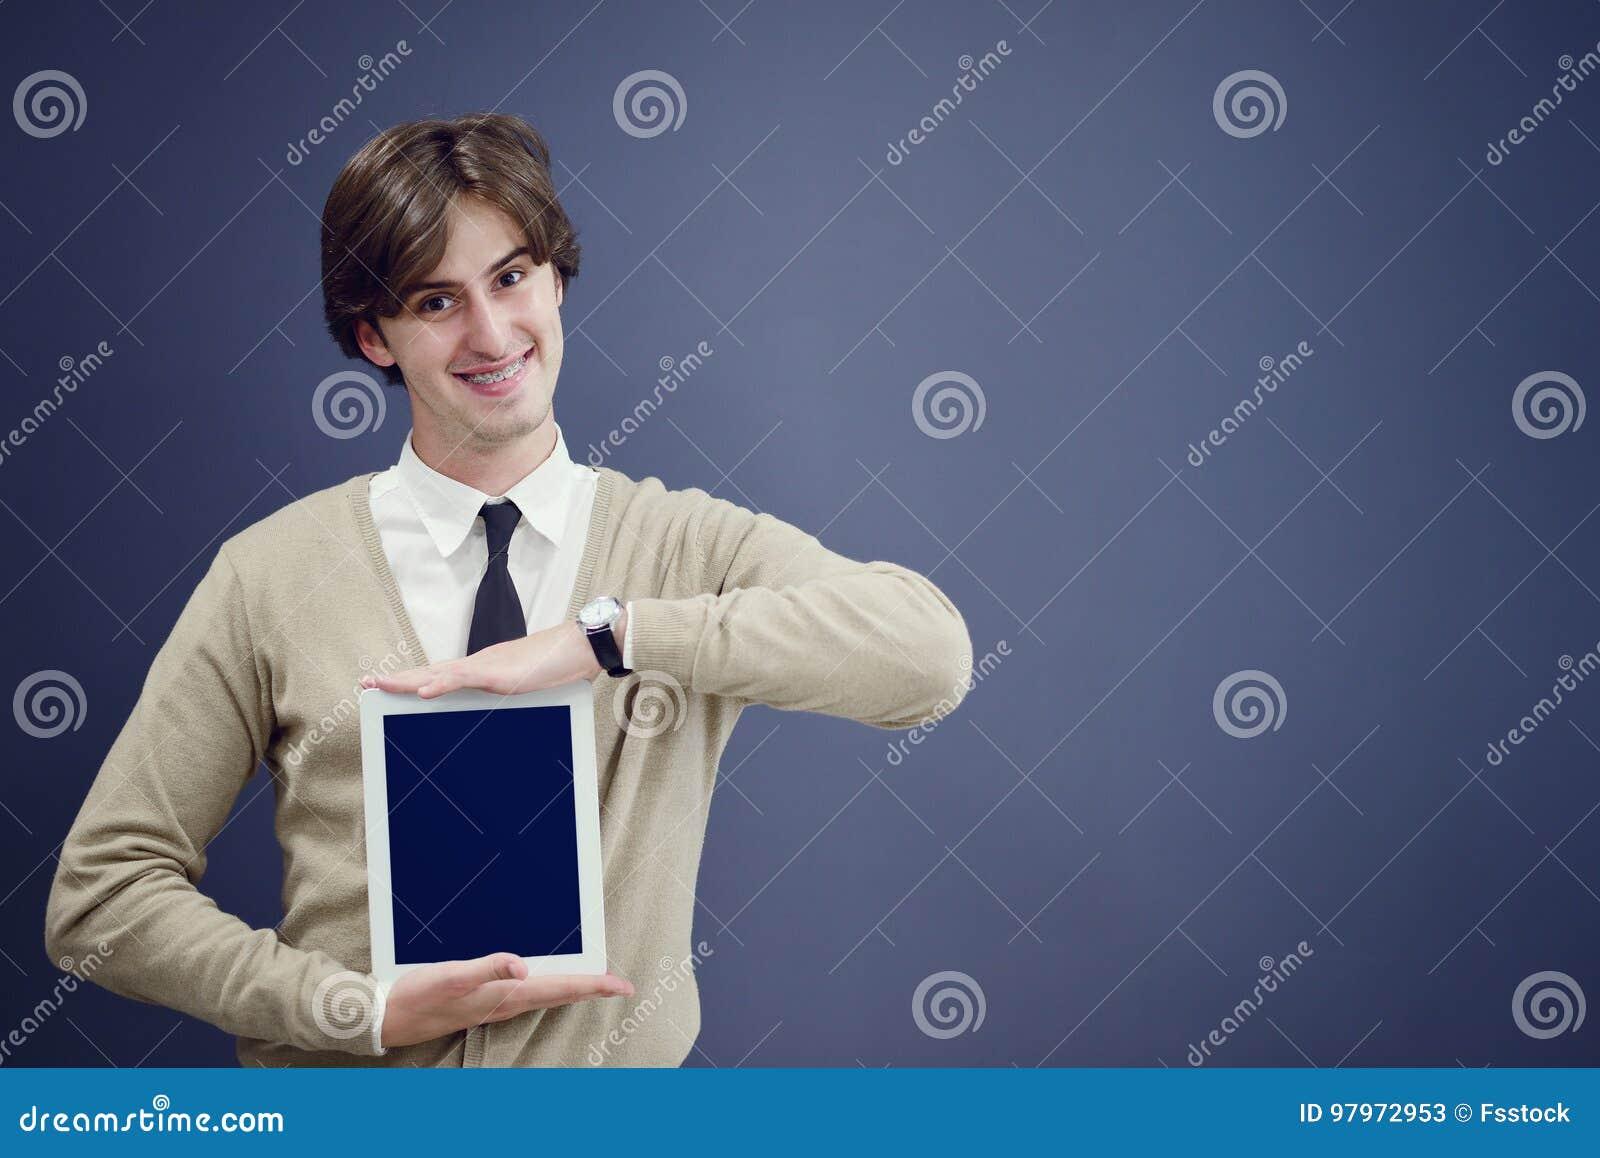 Όμορφος νεαρός άνδρας που παρουσιάζει κάτι σε μια ταμπλέτα, που απομονώνεται πέρα από το γκρίζο υπόβαθρο